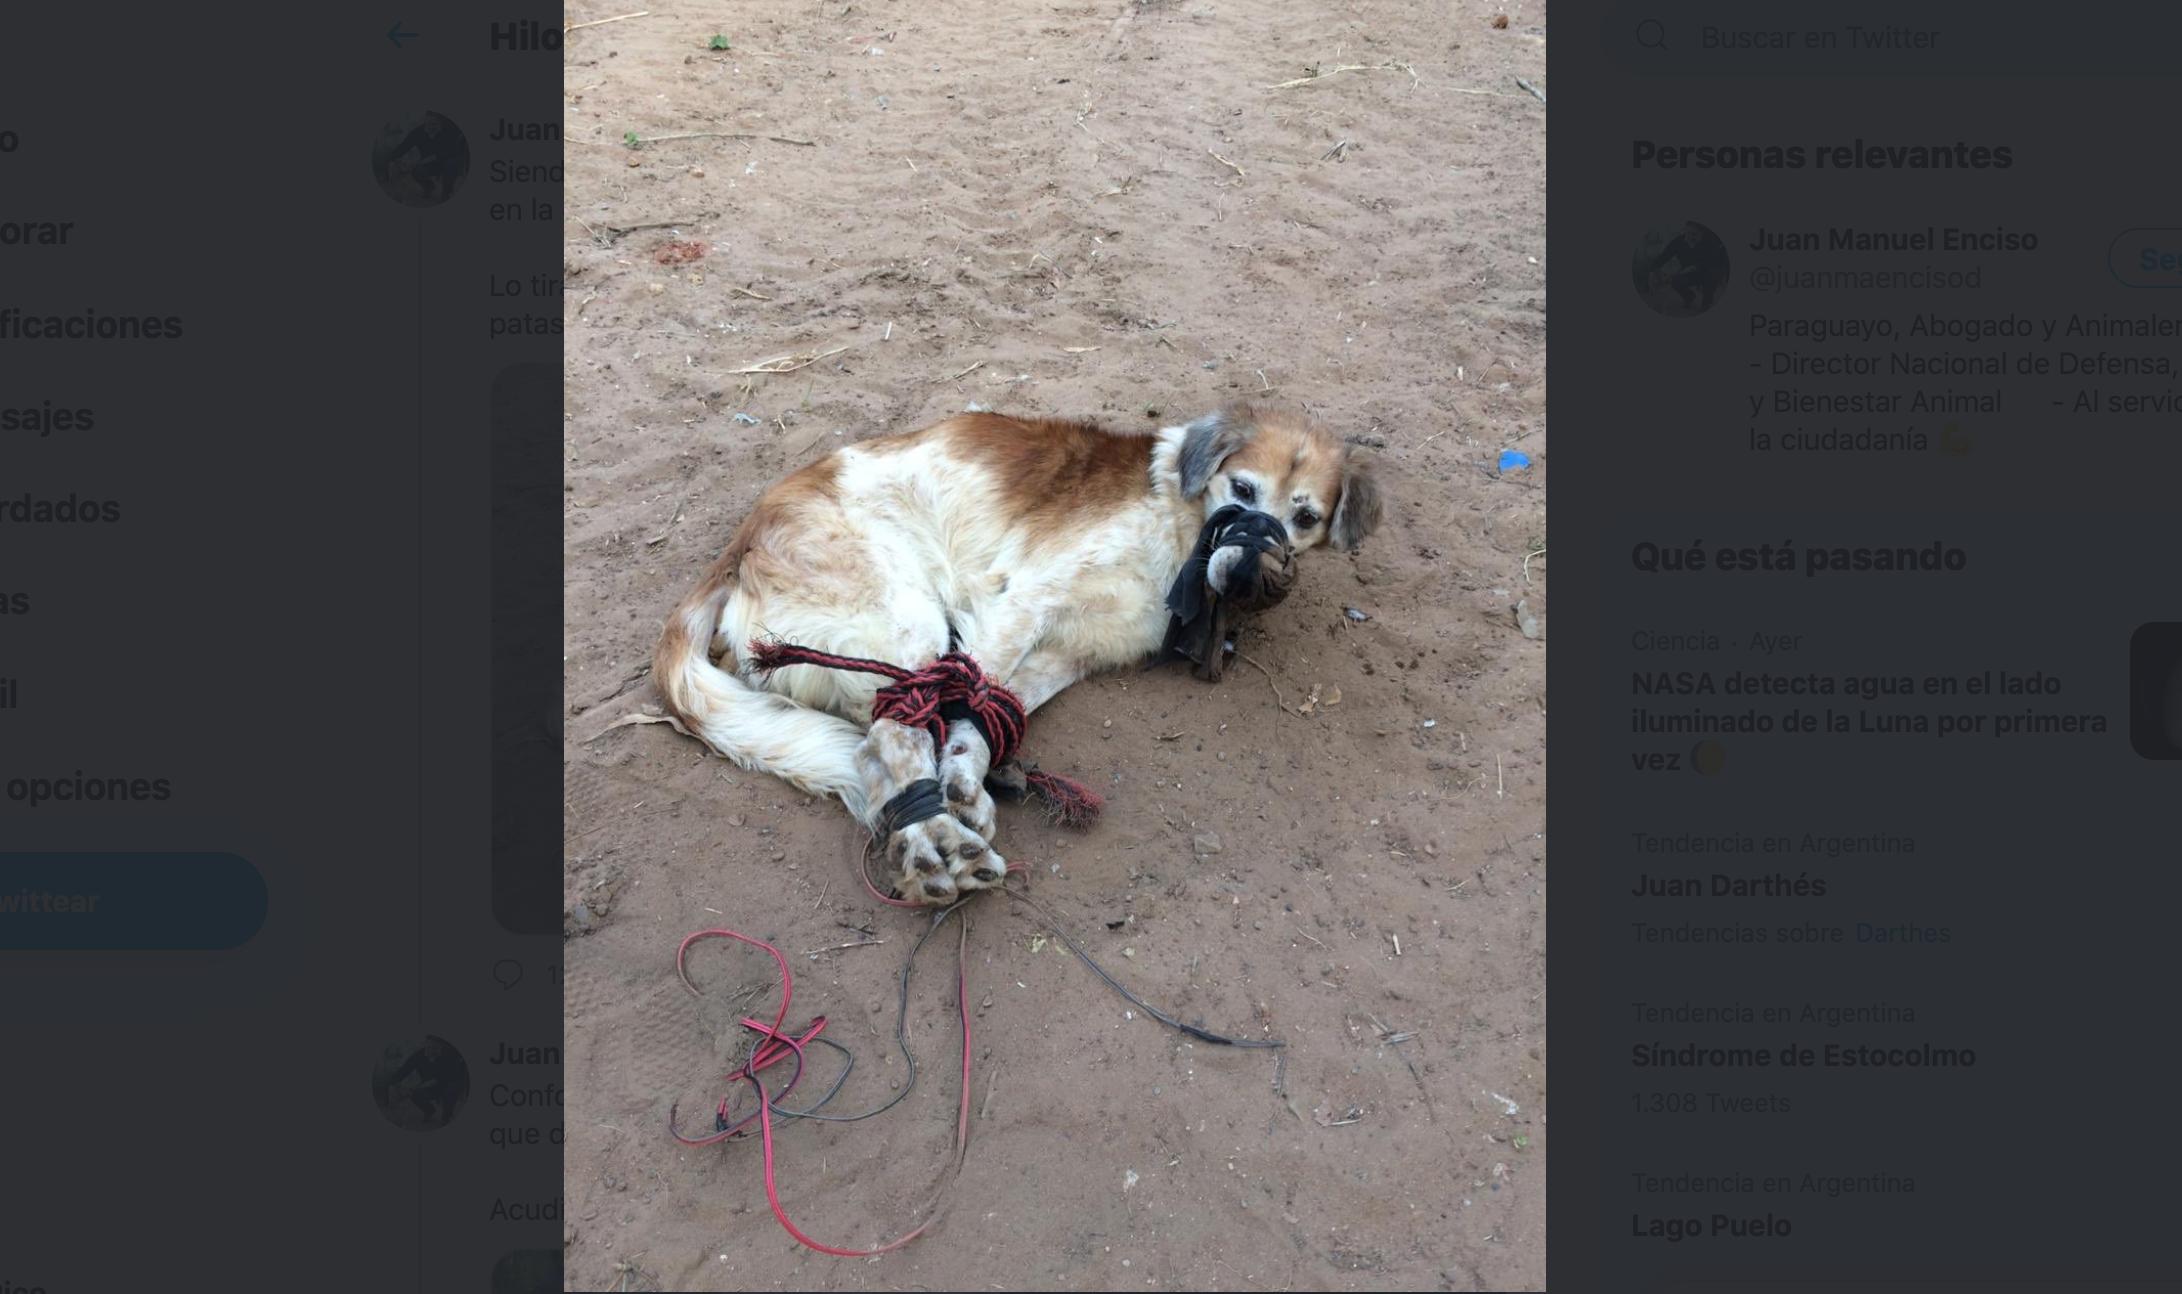 Indignación en Paraguay: encontraron a un perro maniatado y amordazado con cables y sogas en un baldío